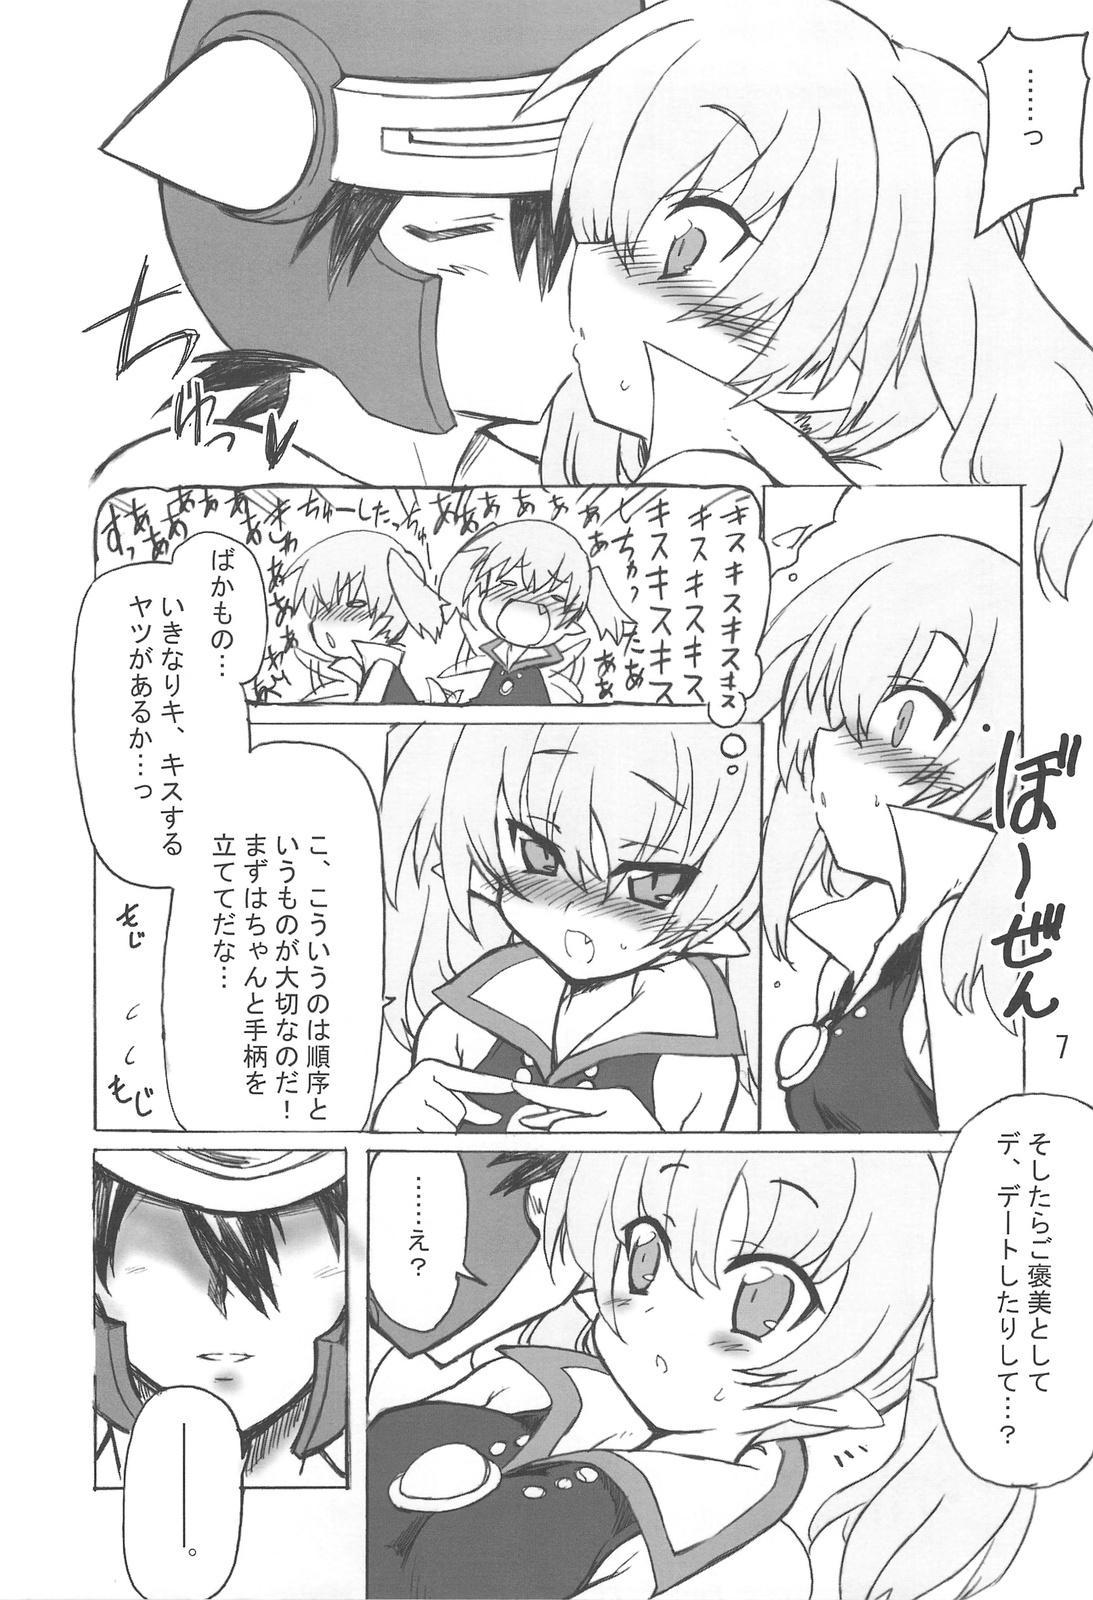 Usotsuki Yuusha to Tsundere Maou 6